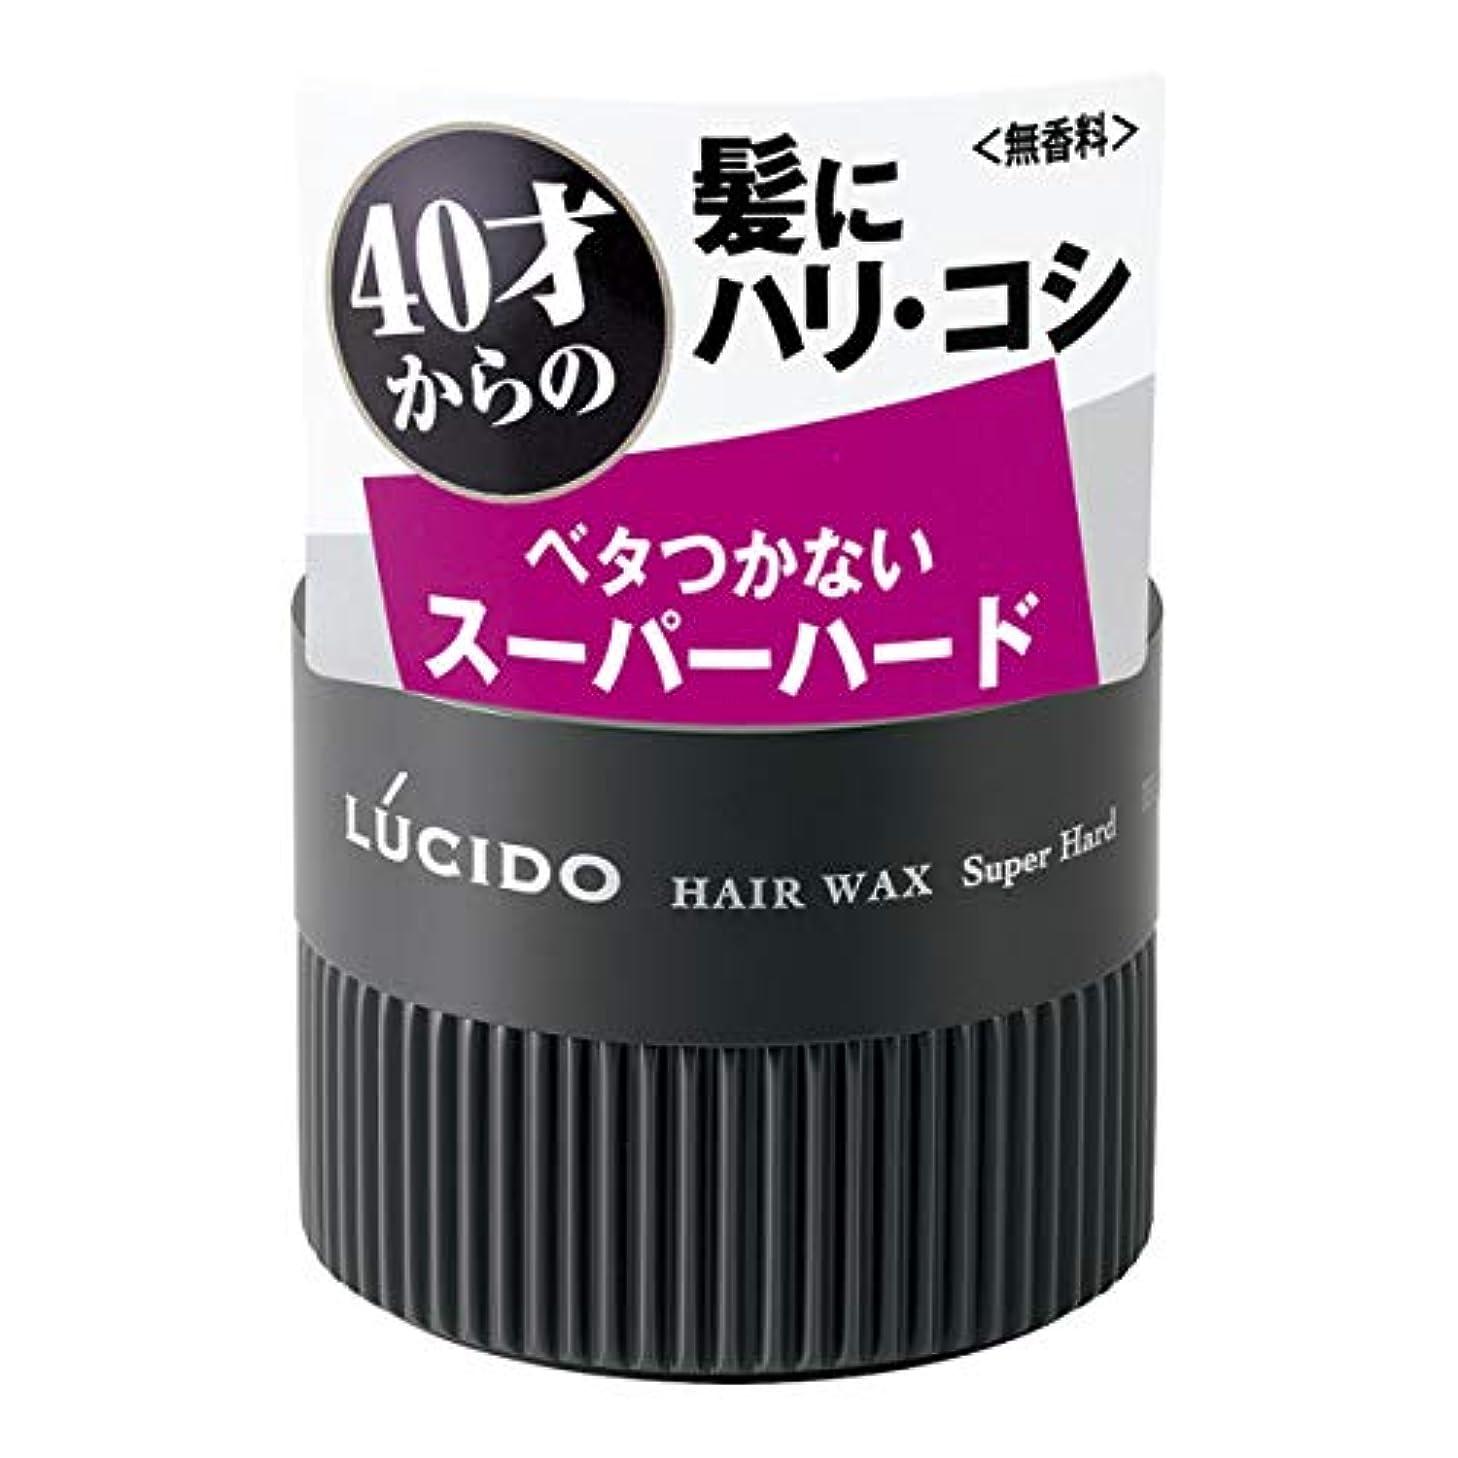 ピックソース糸LUCIDO(ルシード) ヘアワックス スーパーハード 80g